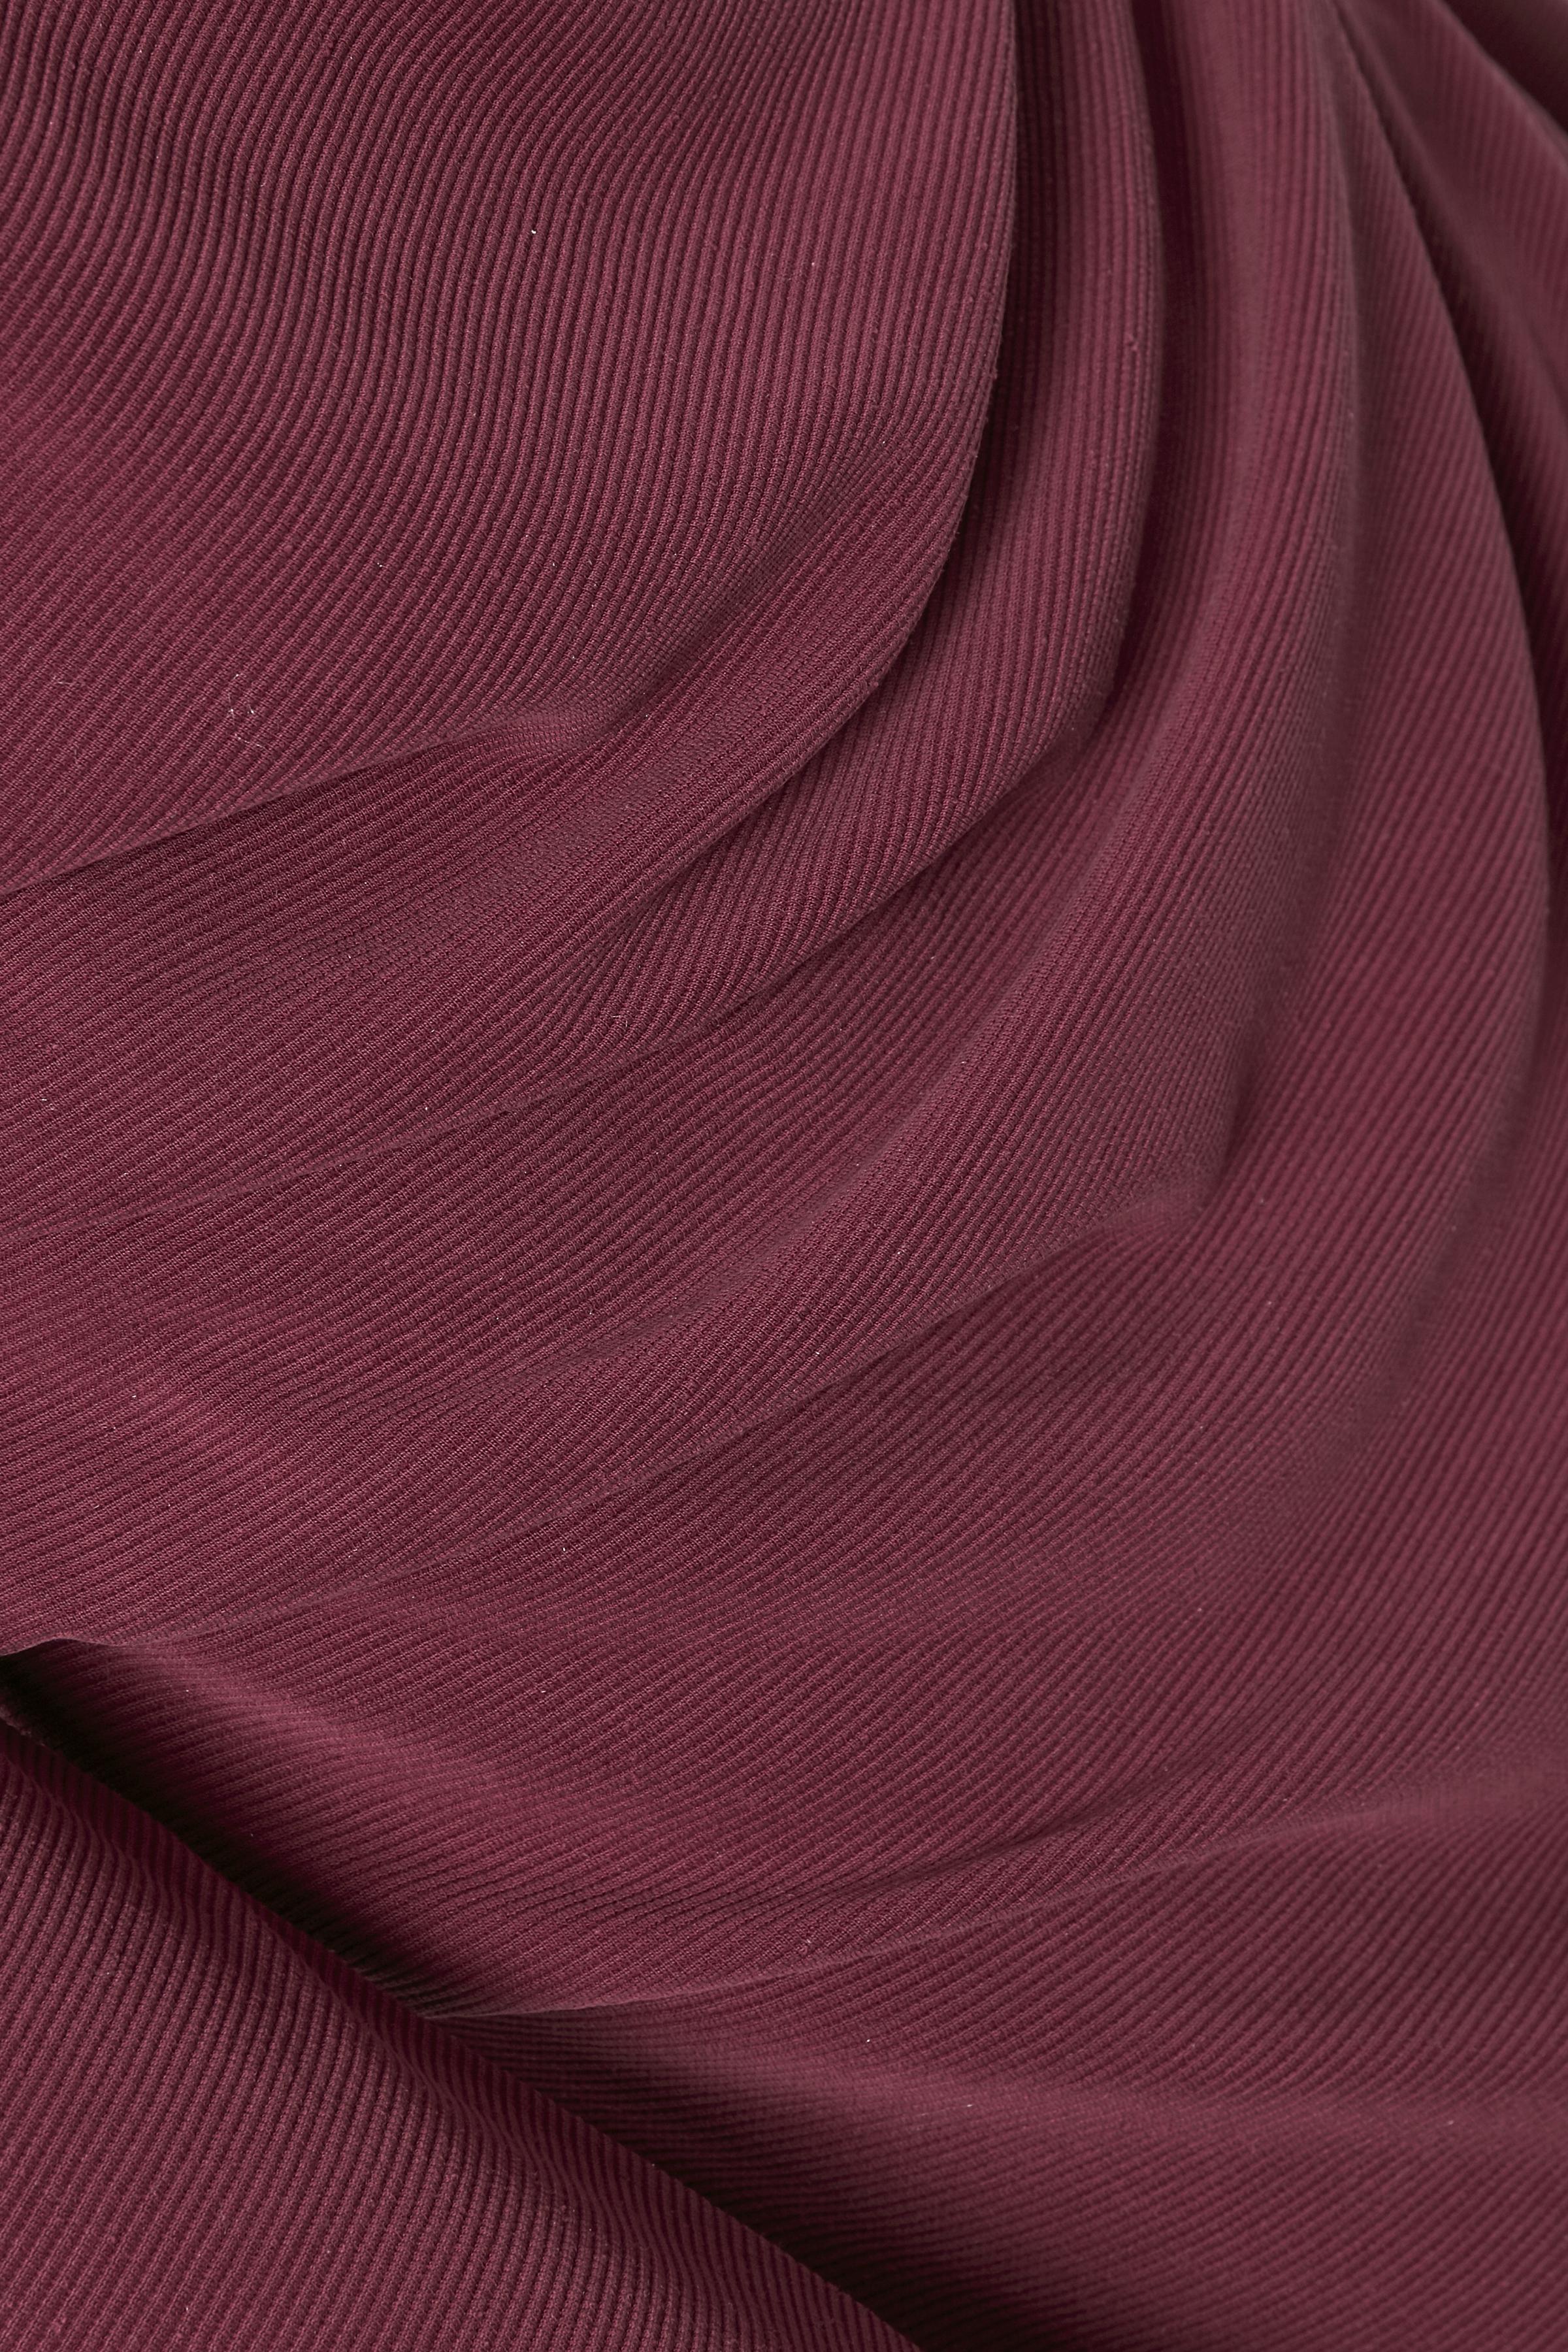 Donker bordeaux Gebreide jurk van Kaffe – Door Donker bordeaux Gebreide jurk van maat. XS-XXL hier